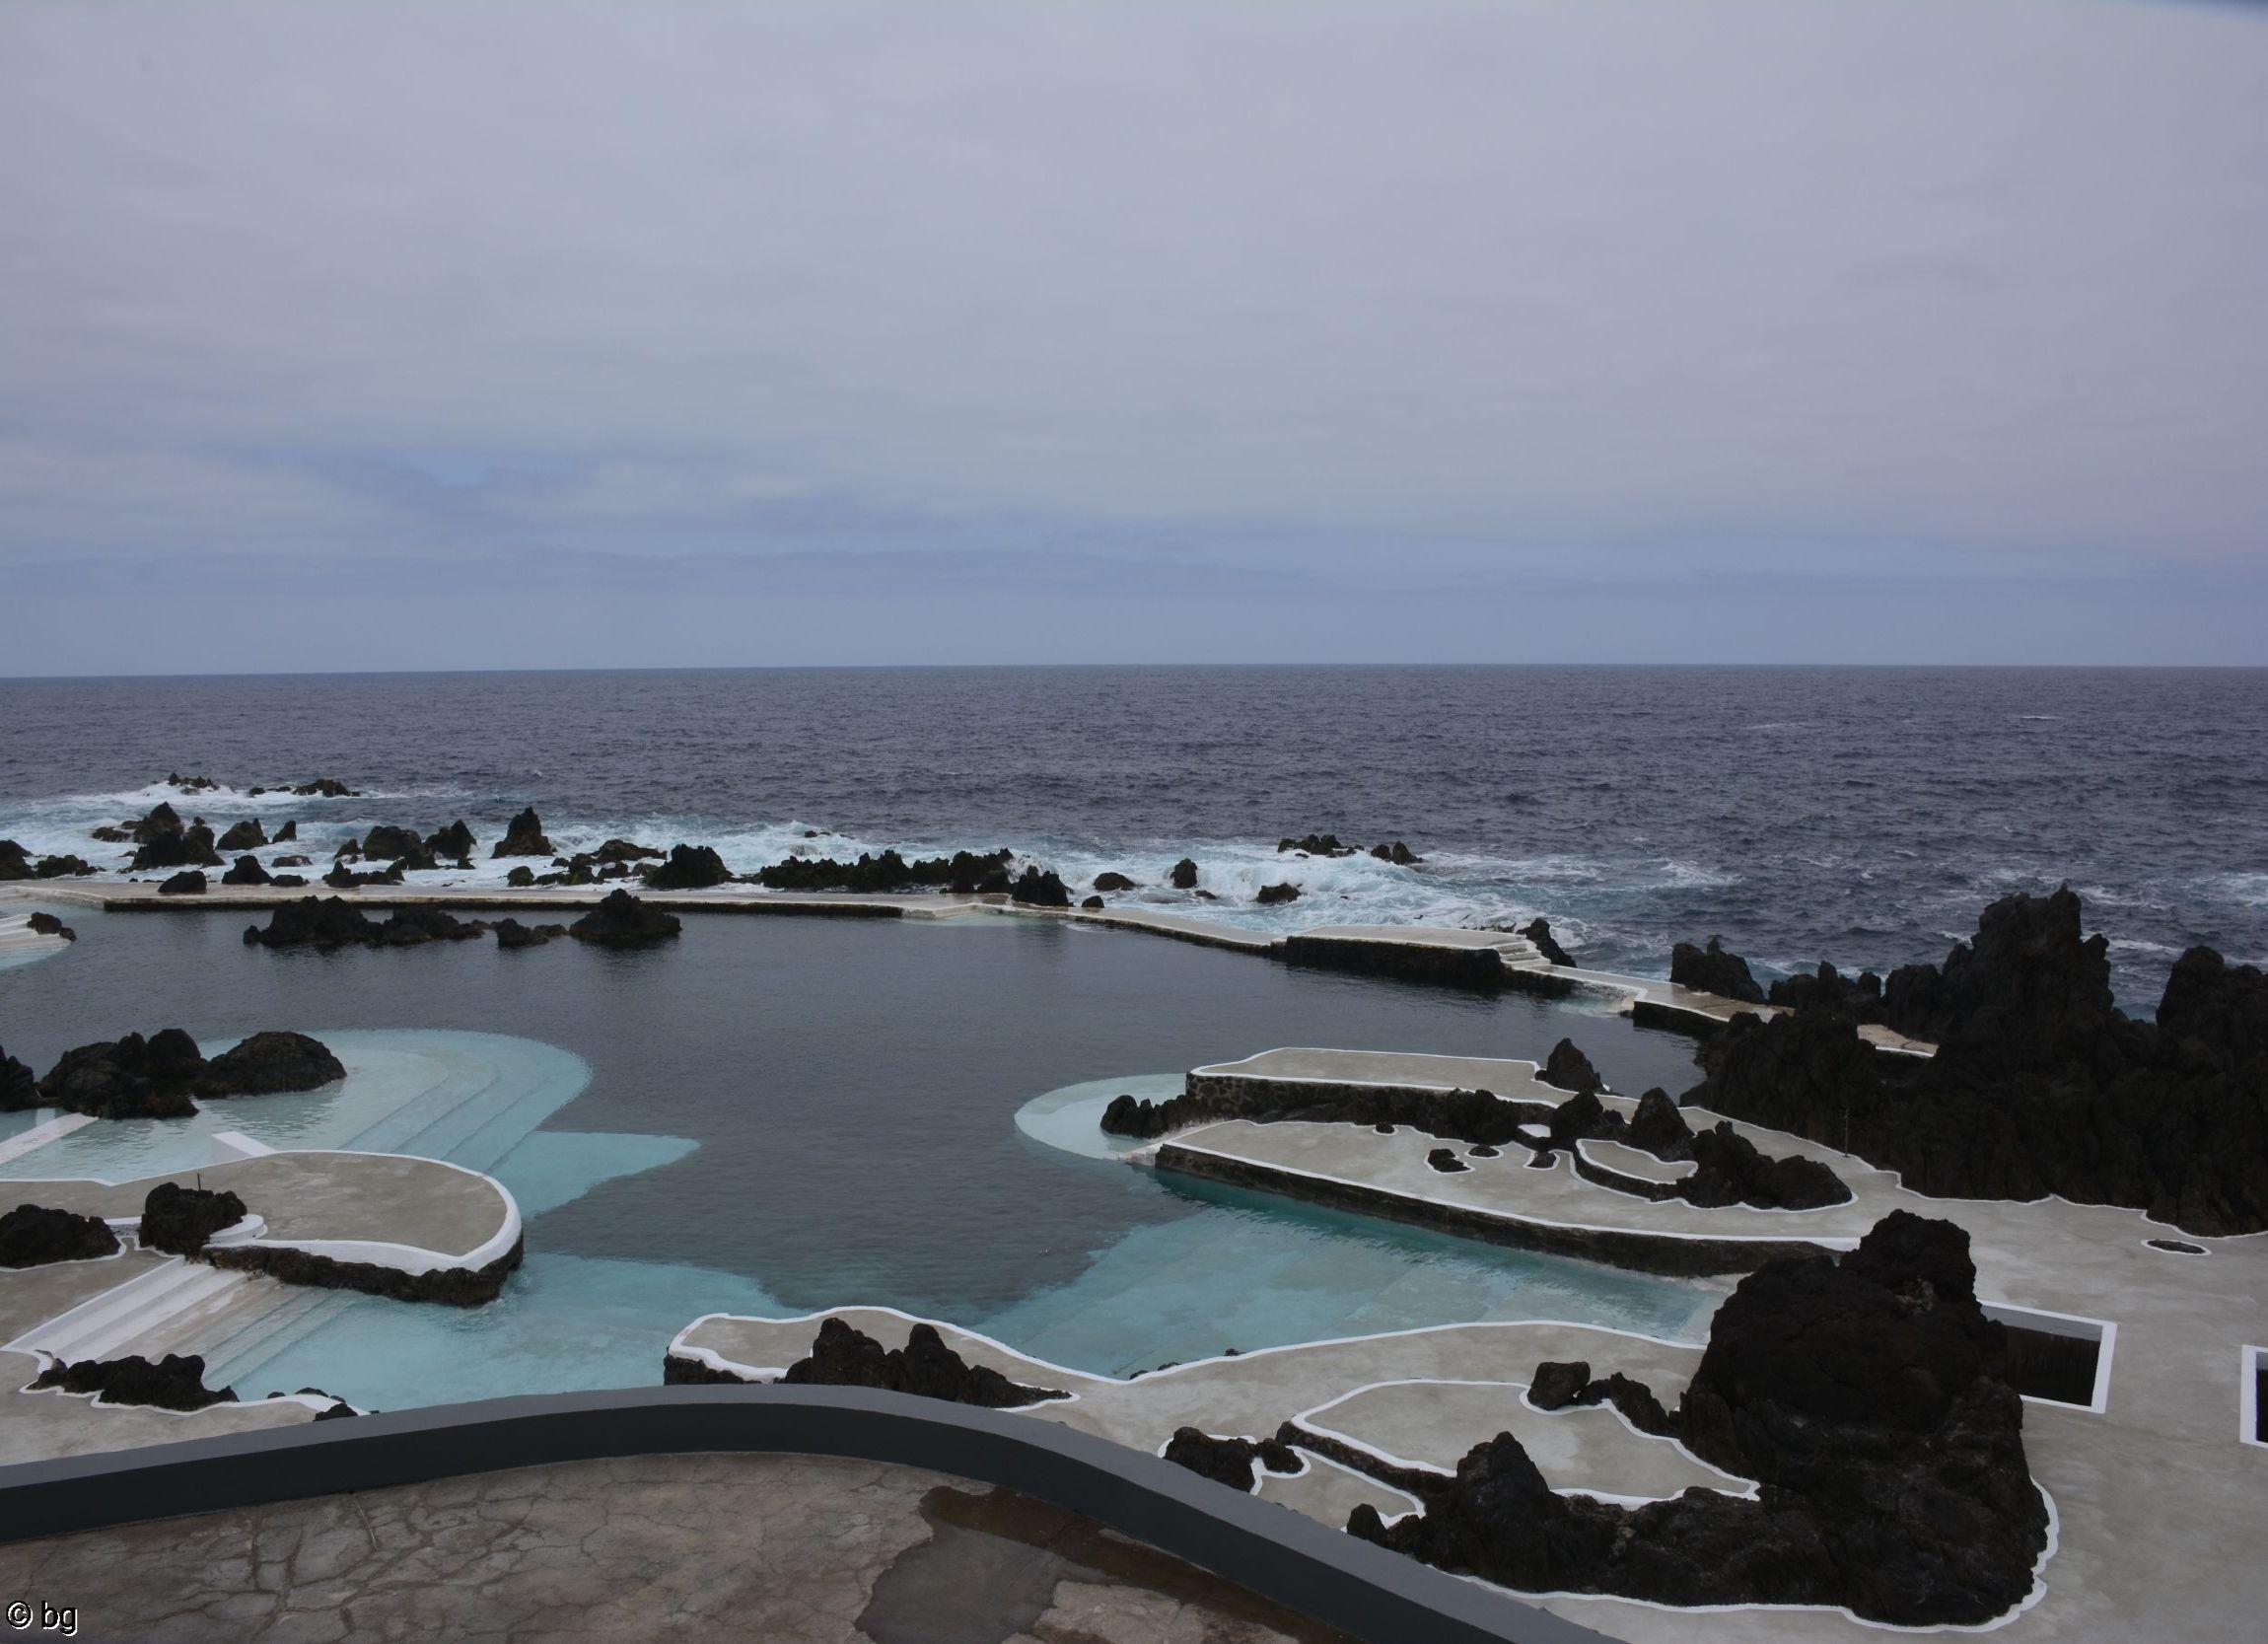 piscinas-naturals-madere-porto-moniz-2